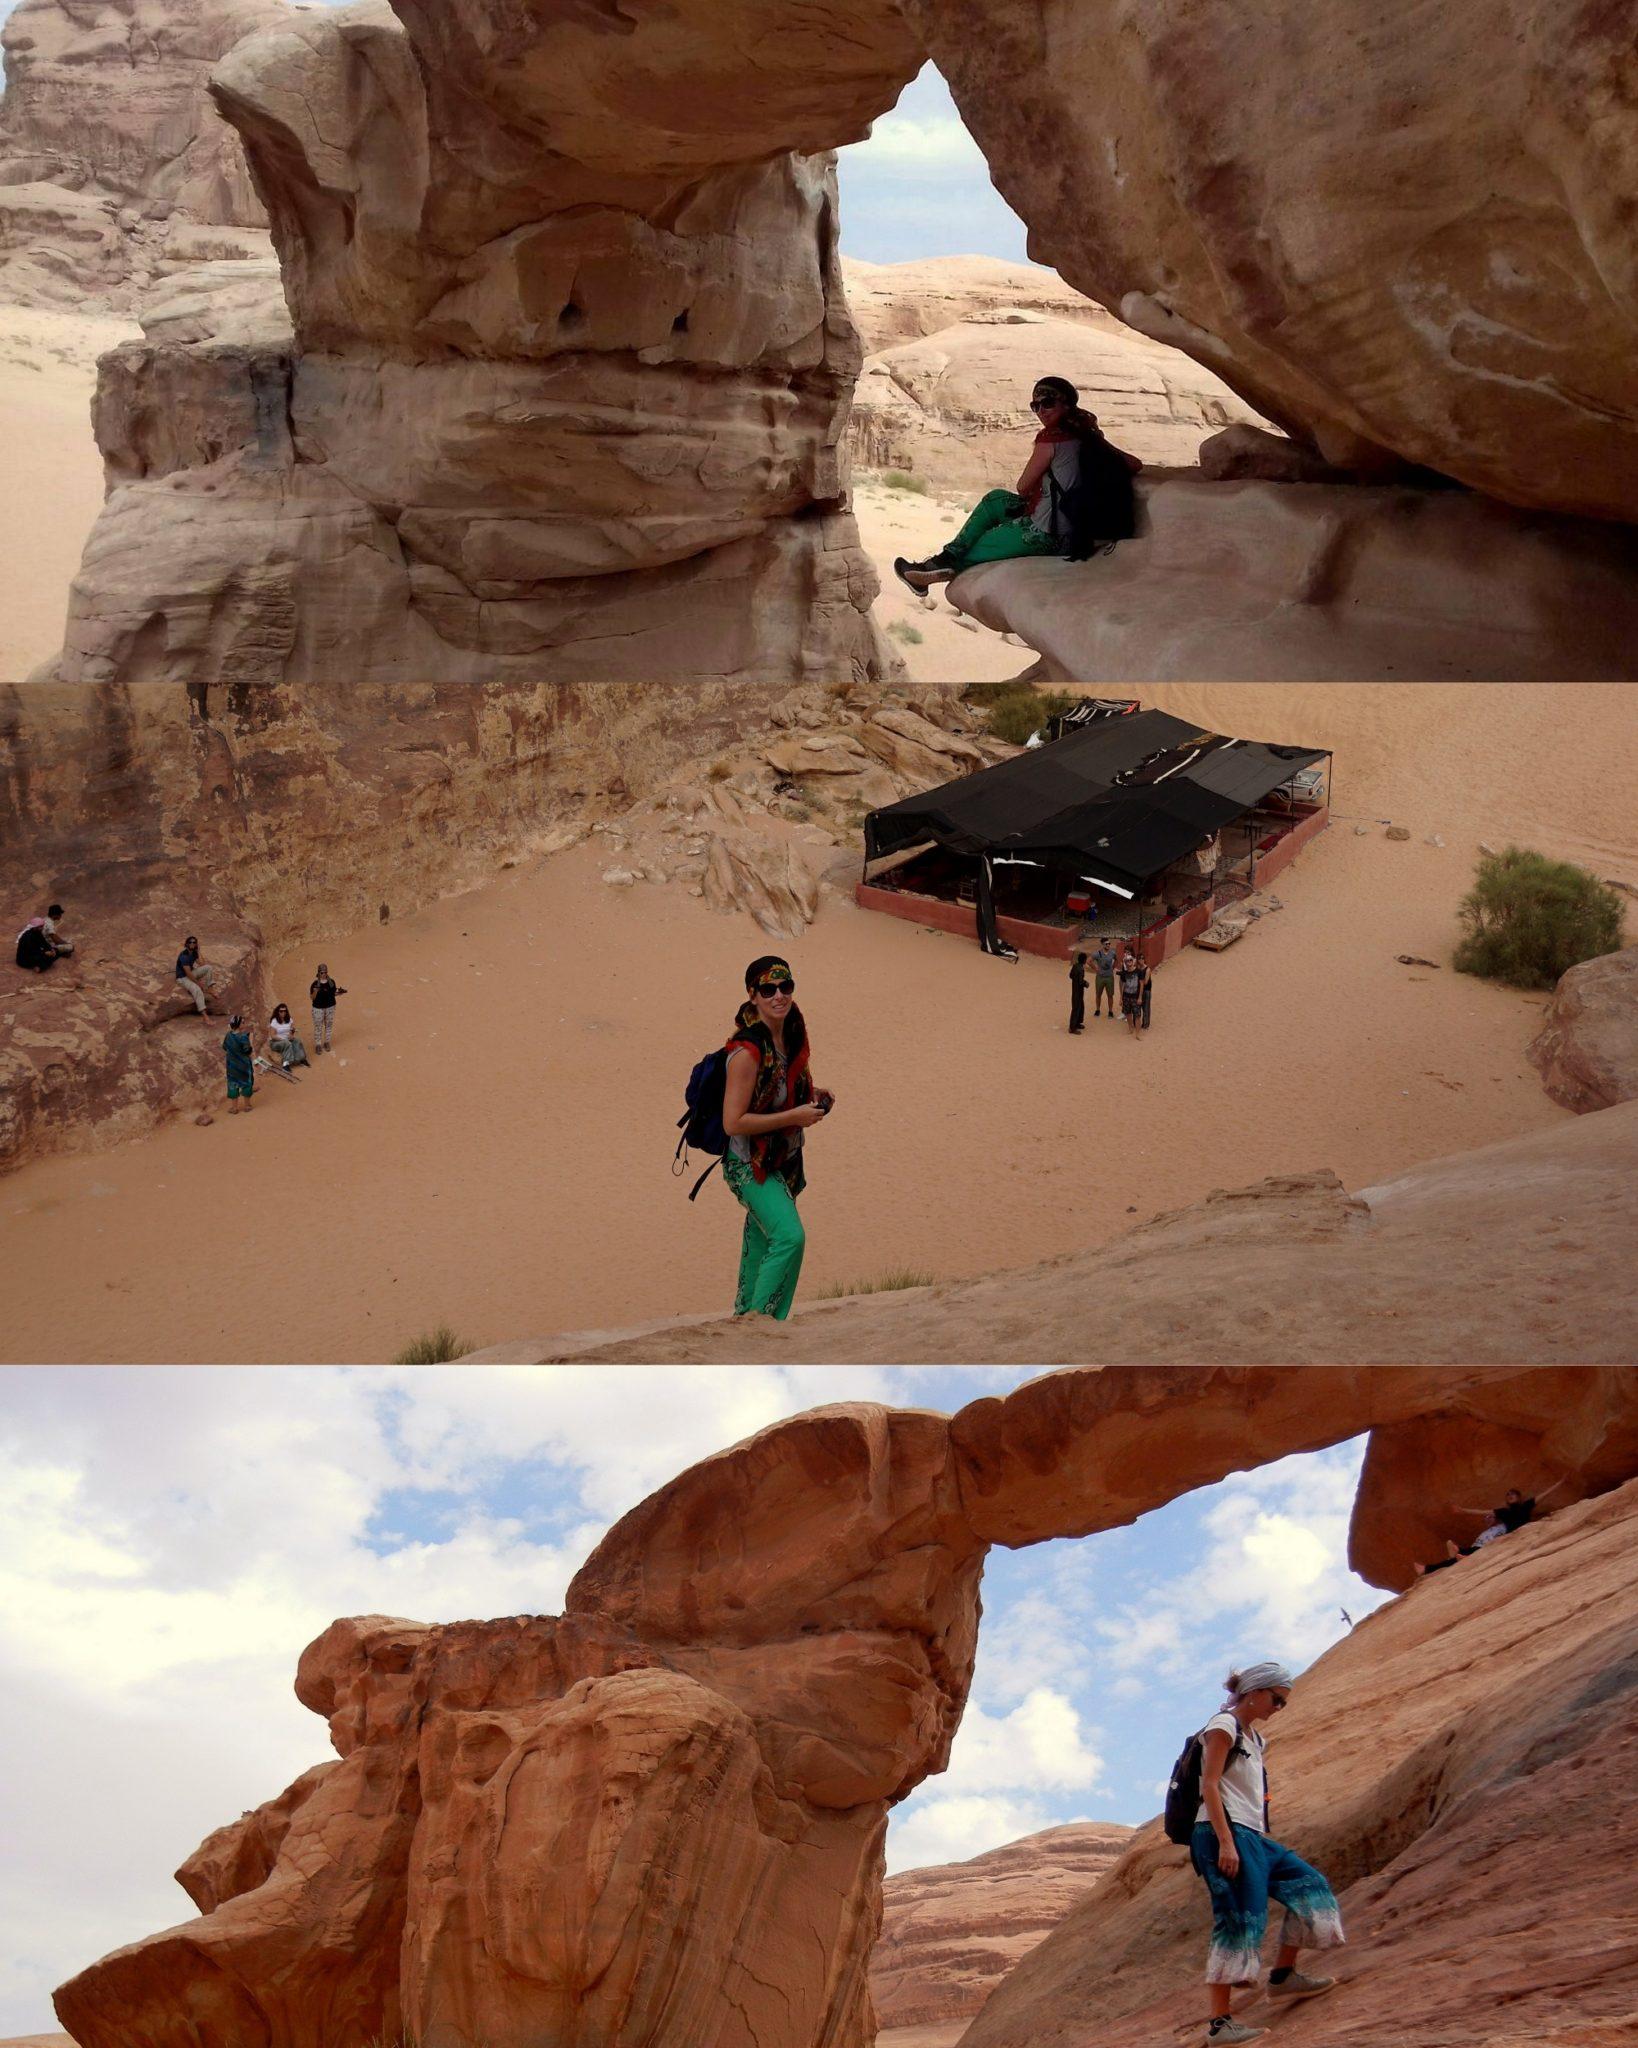 Jordánsko - Velký skalní most (Wadi Rum)